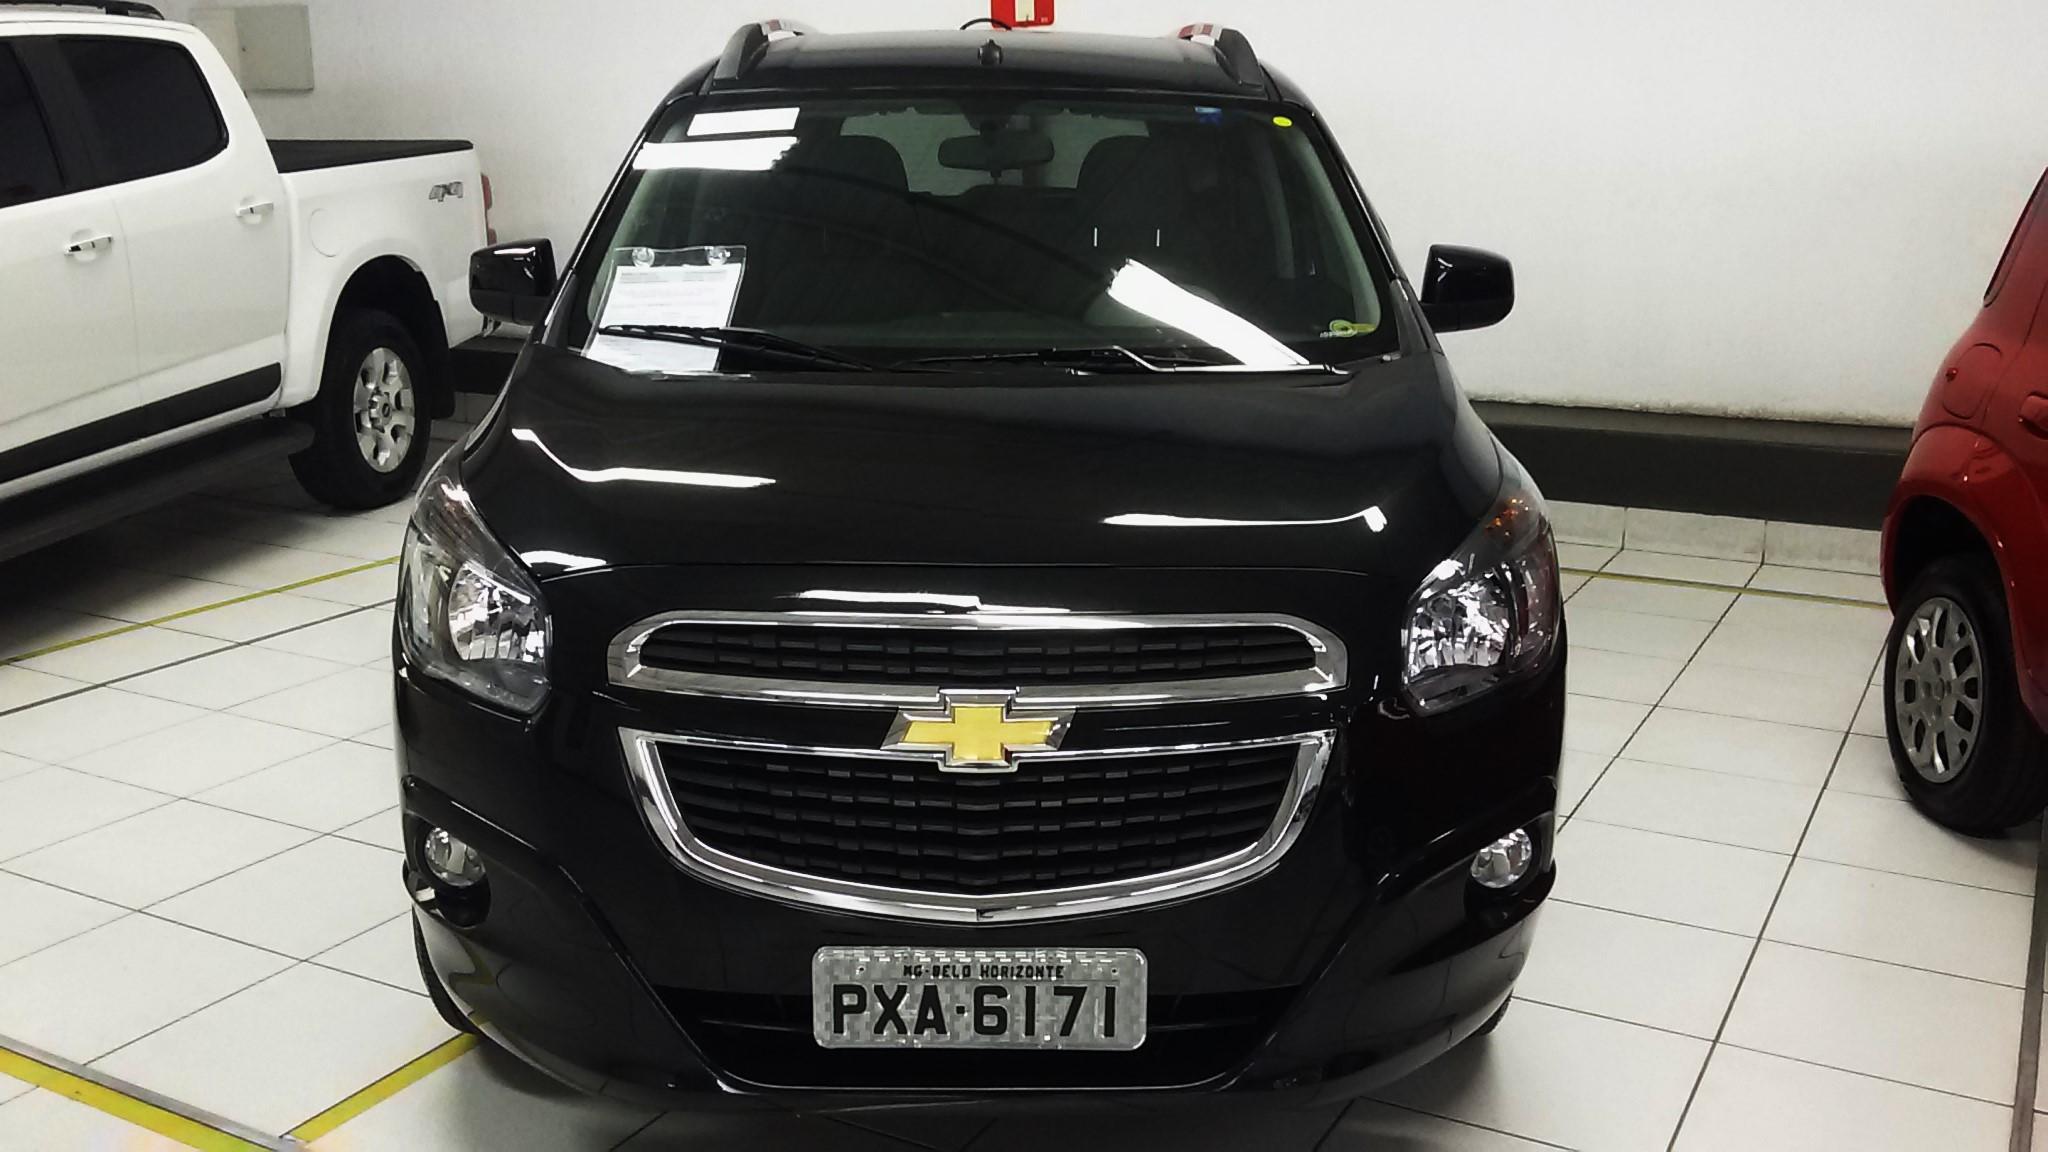 Seminovos   Lider BH   Concessionária Chevrolet